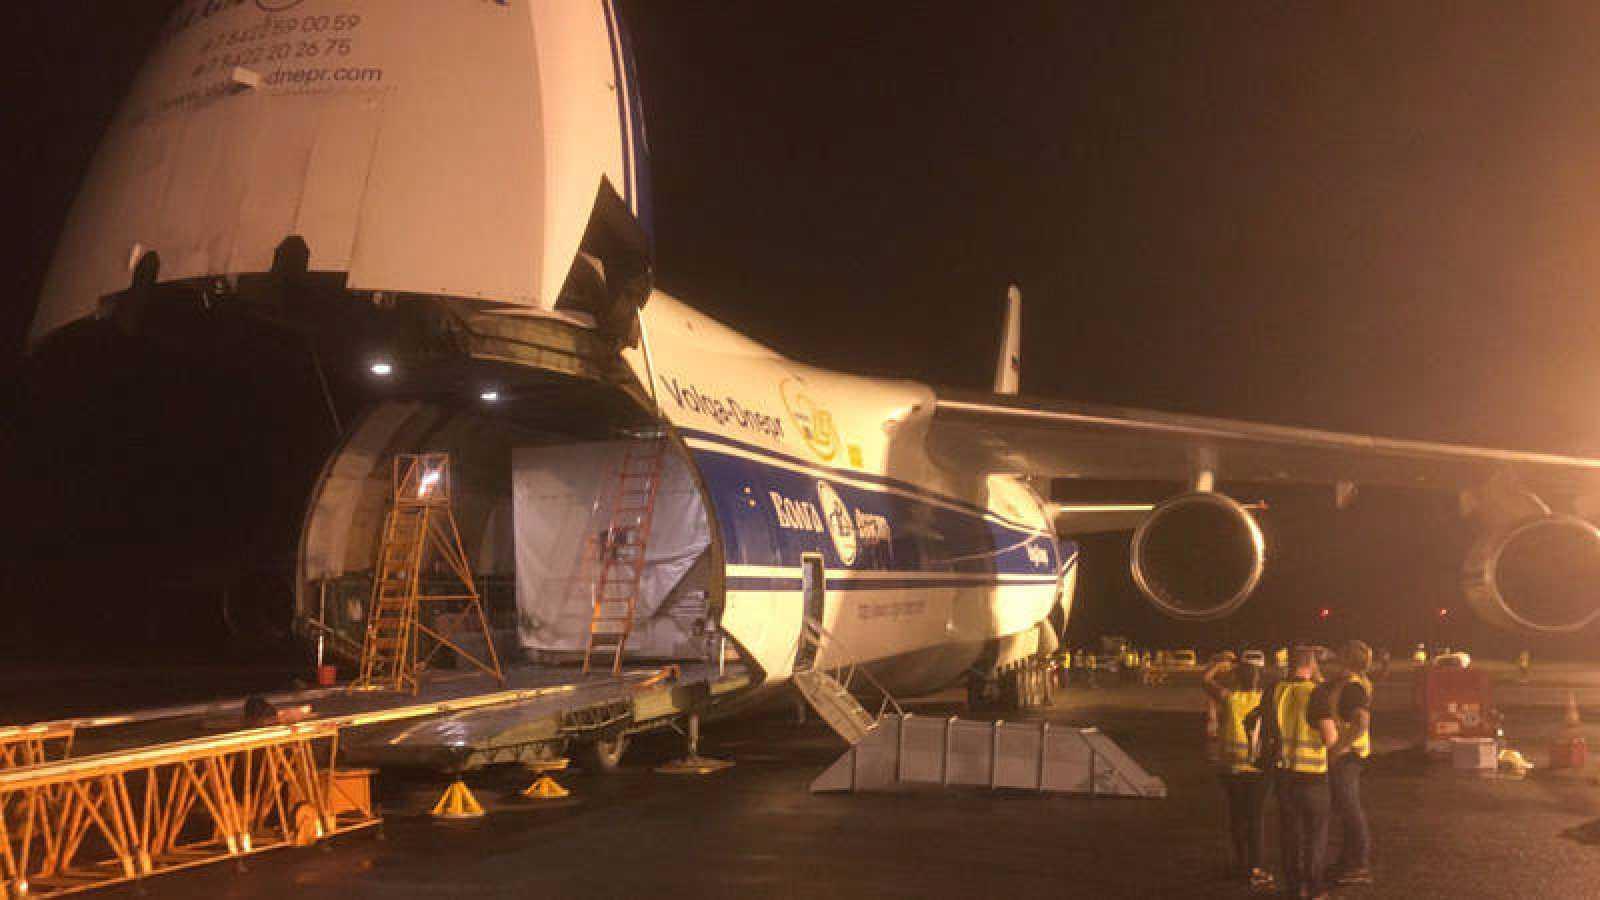 El Hispasat 36W-1, a su llegada a Kourou, desde donde será lanzado.